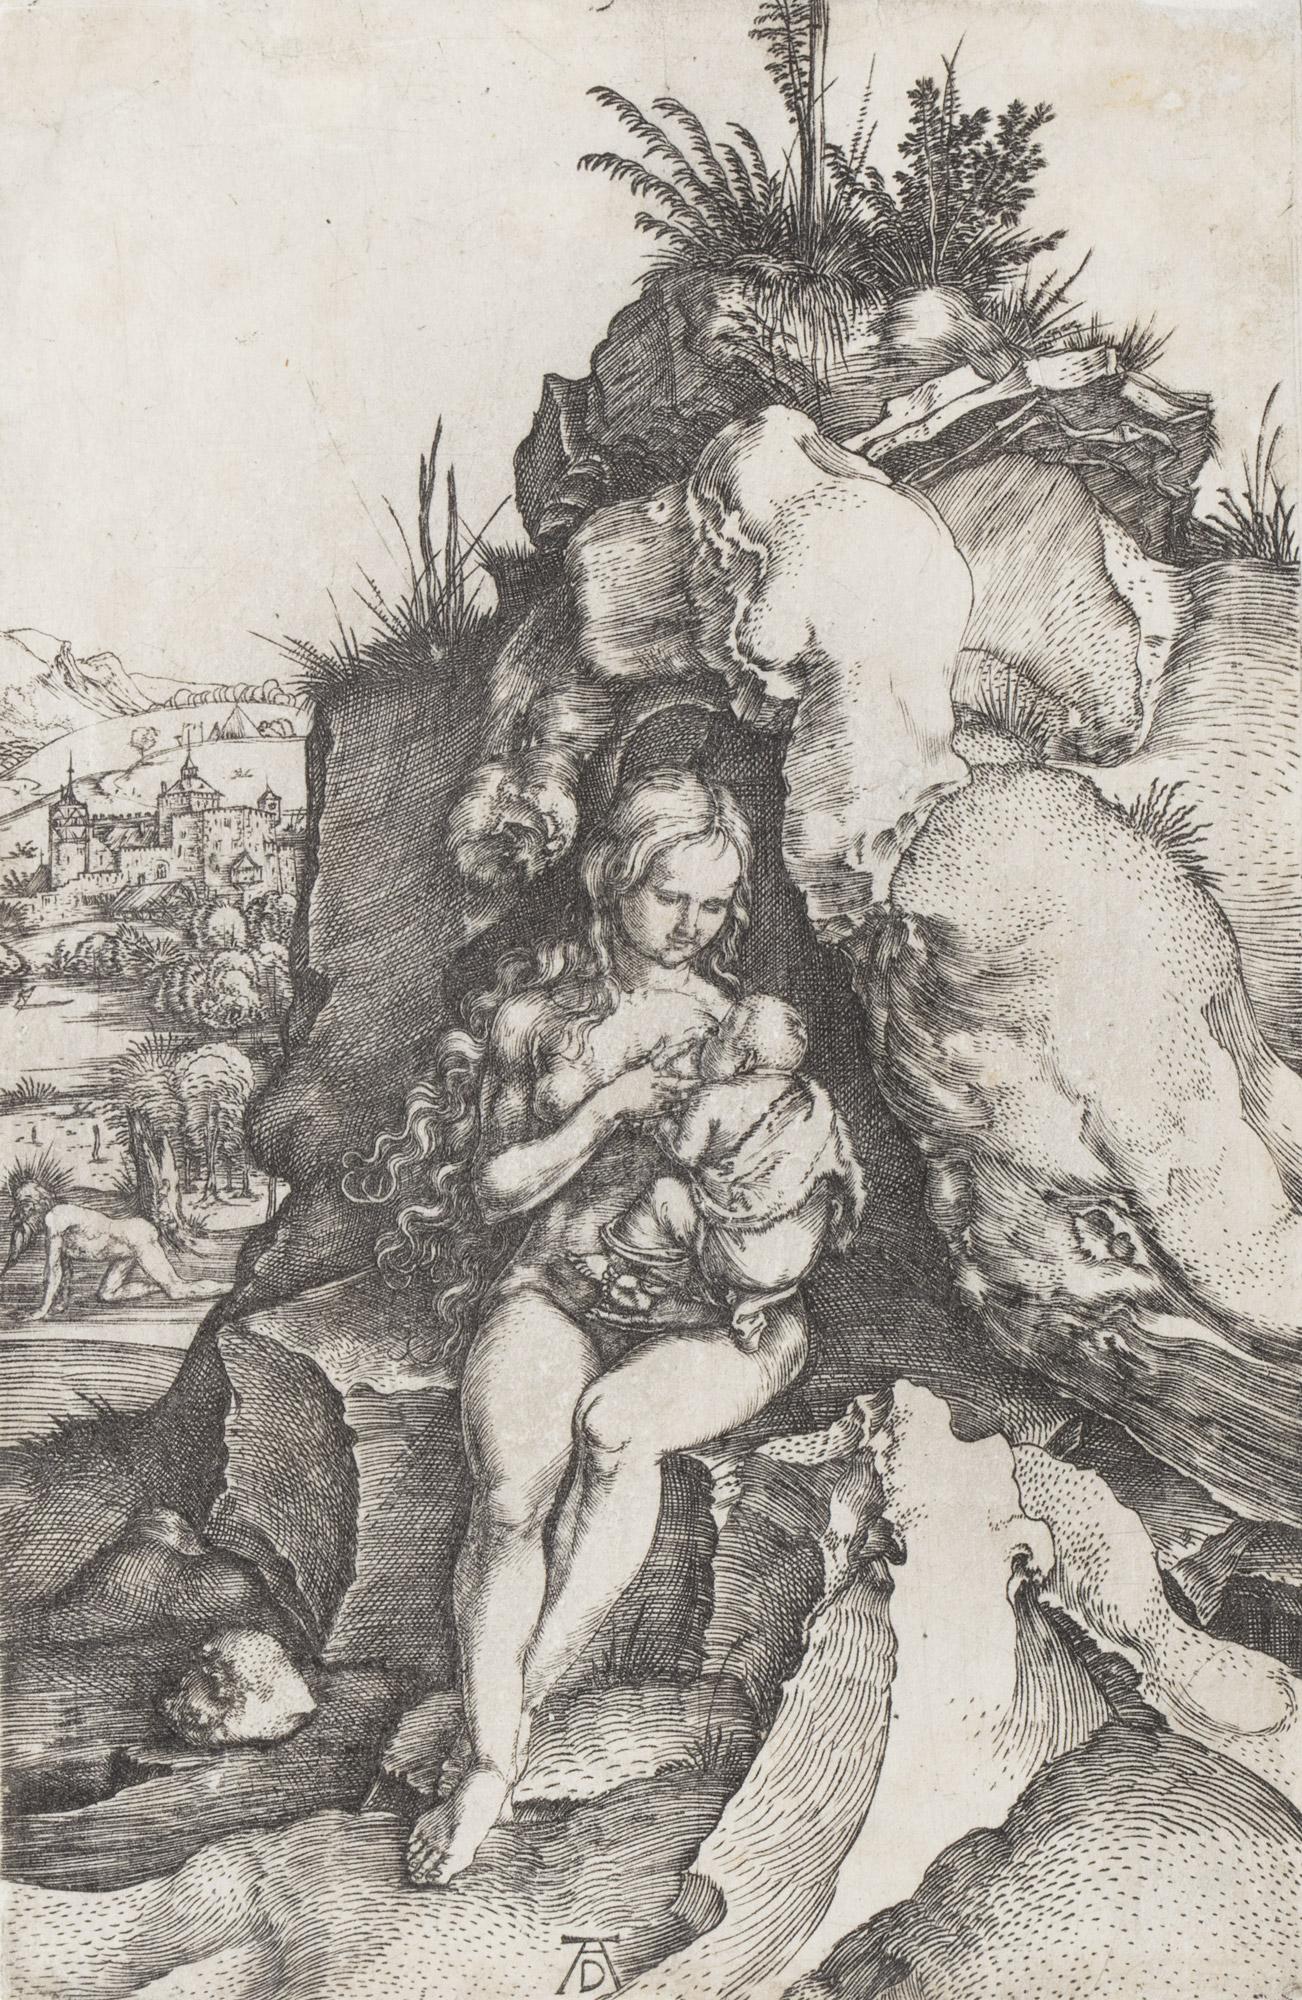 La penitenza di S. Crisostomo